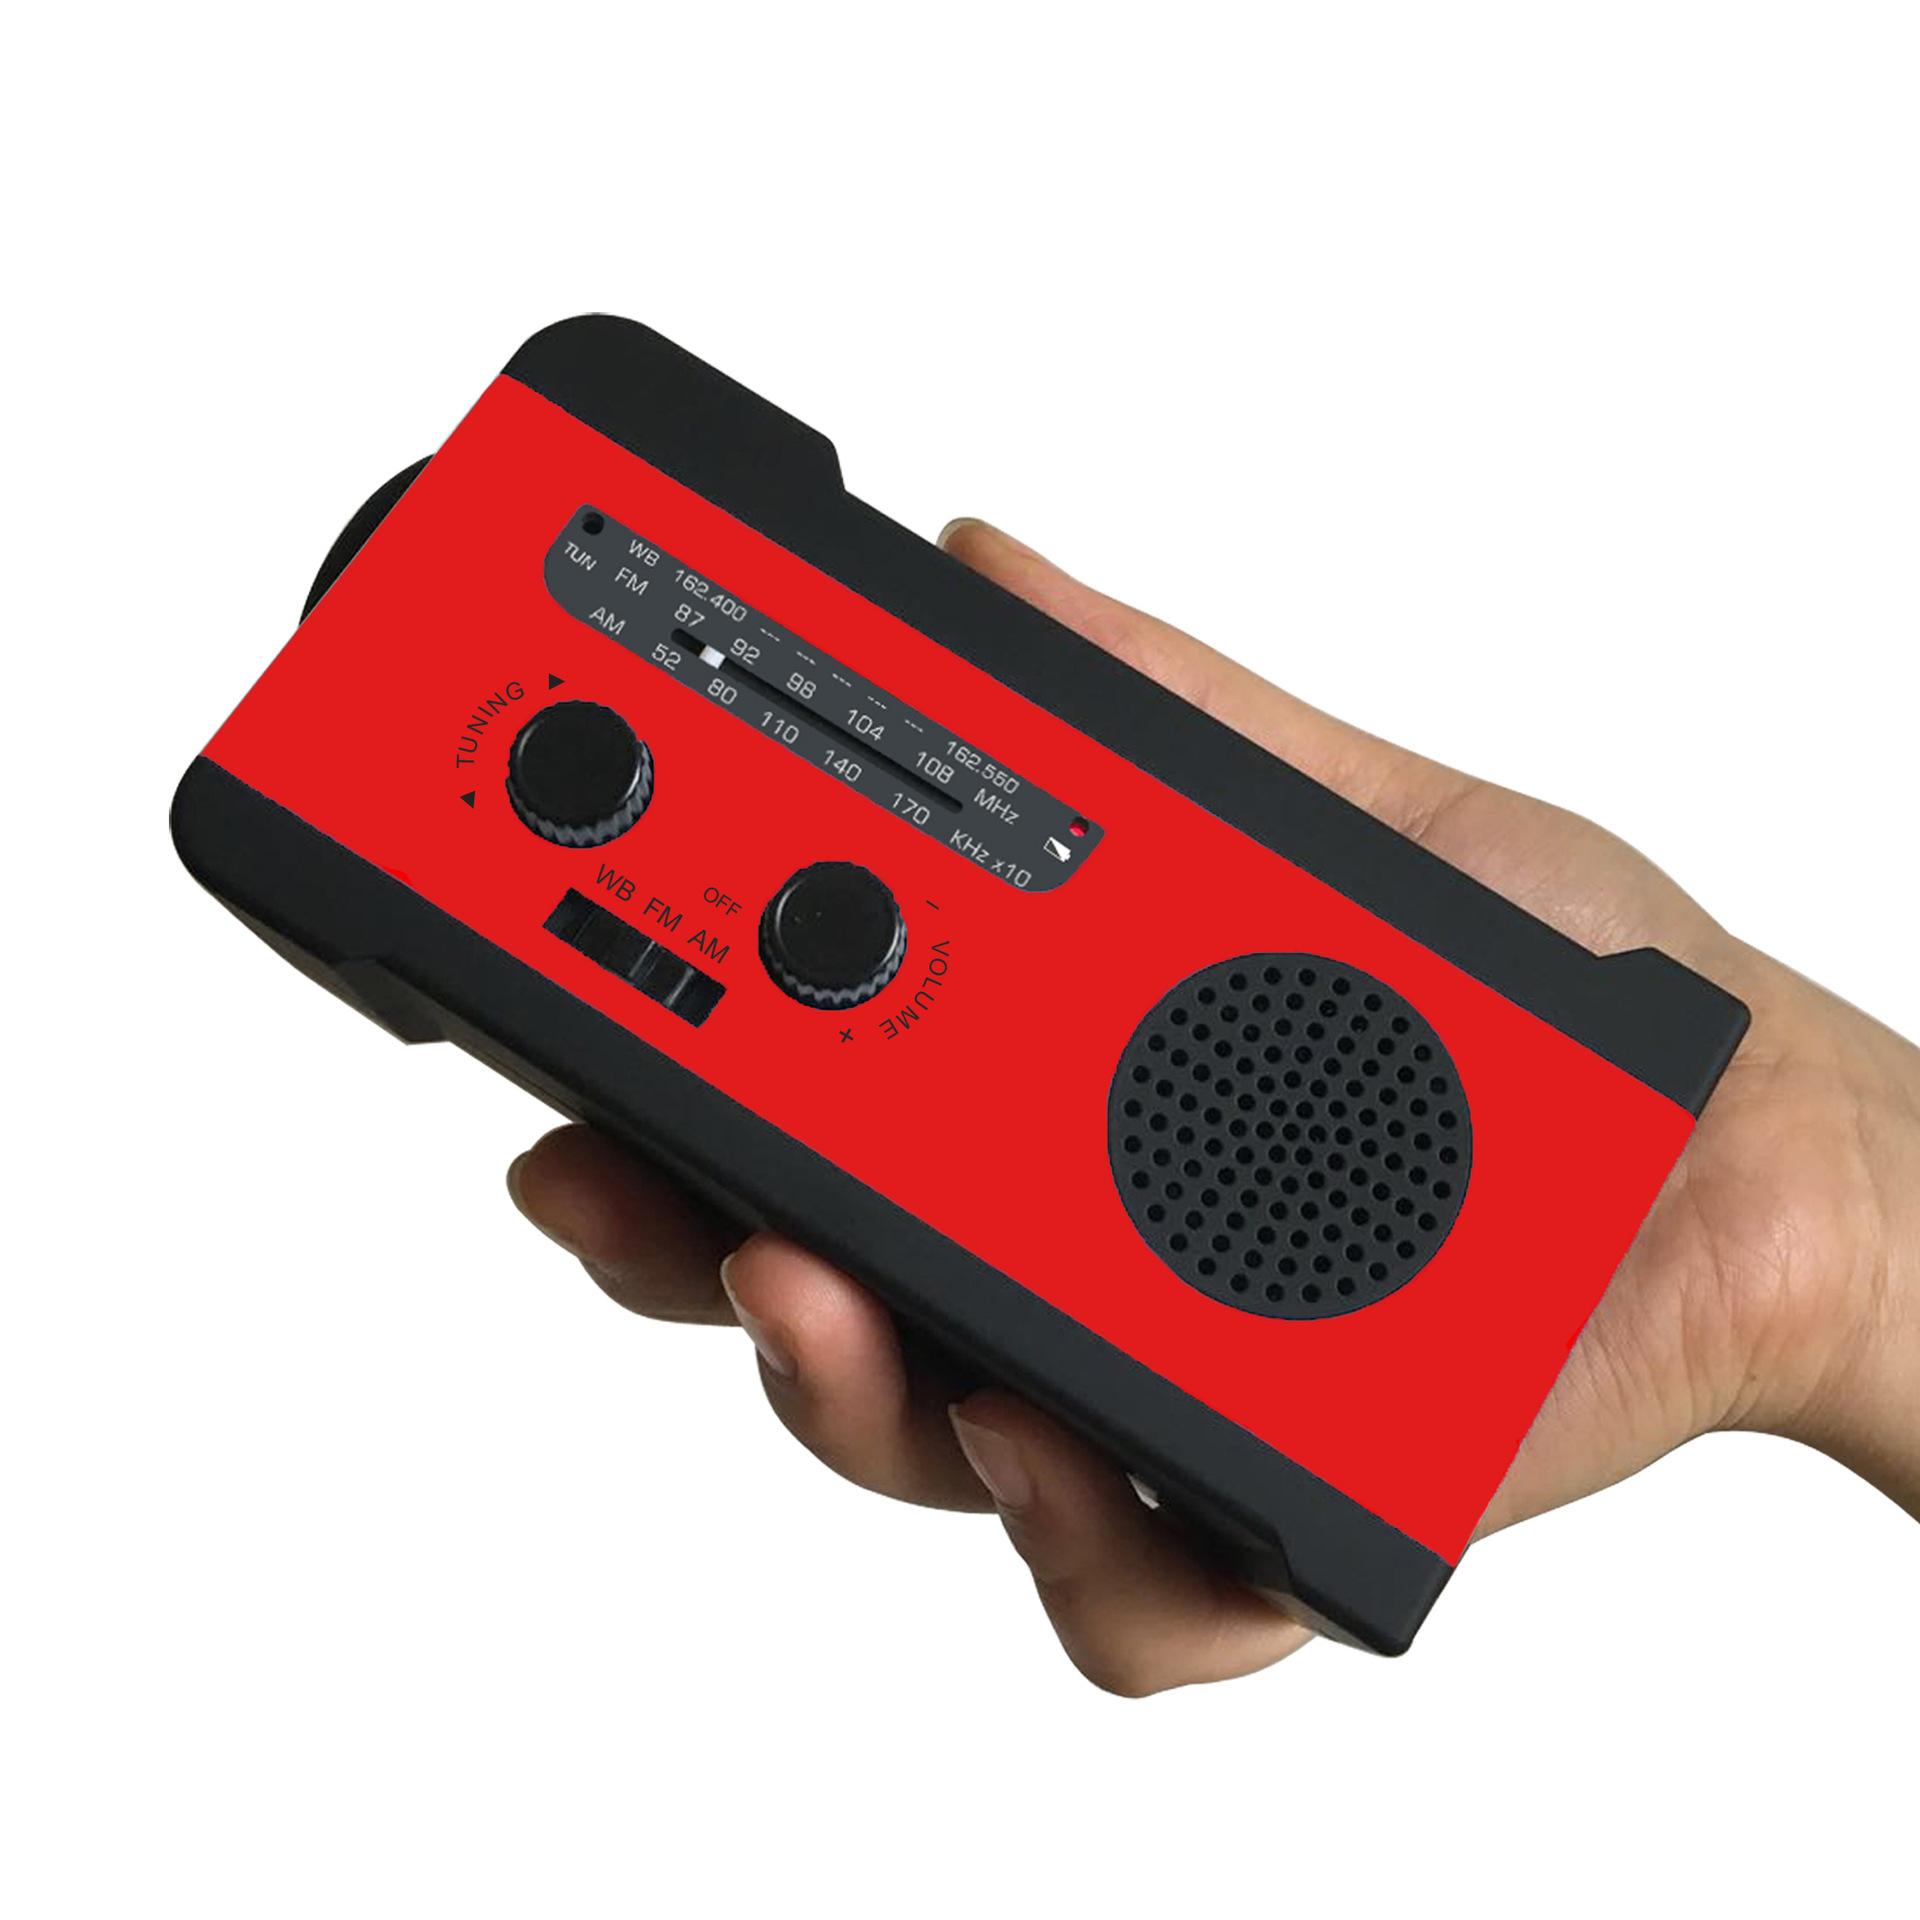 WAYHOOM Máy Radio Đặc biệt dành cho đài năng lượng mặt trời xuyên biên giới, đài phát thanh cầm tay